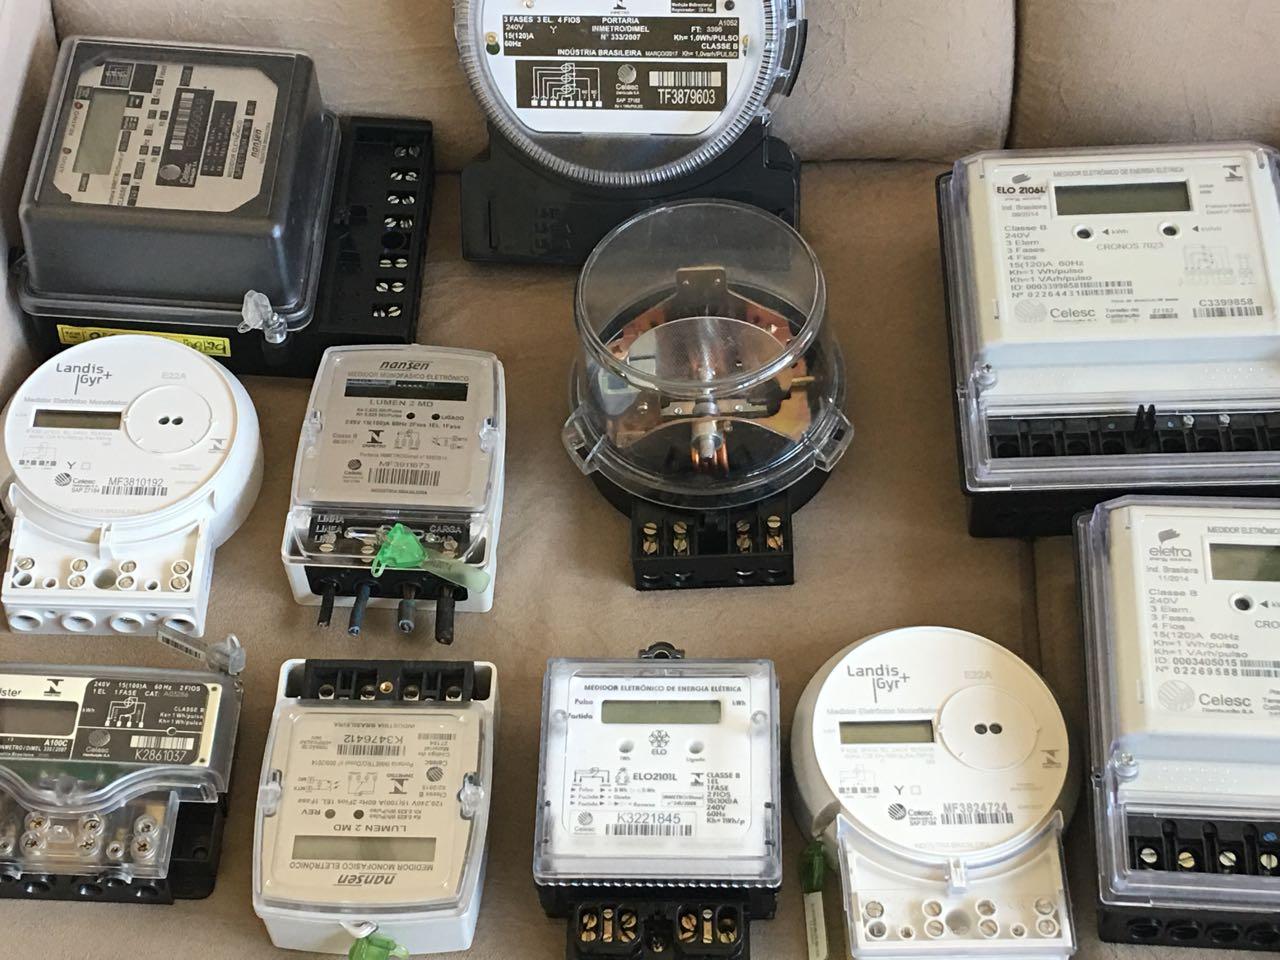 Operação identifica fraudes em medidores de energia em estabelecimentos comerciais